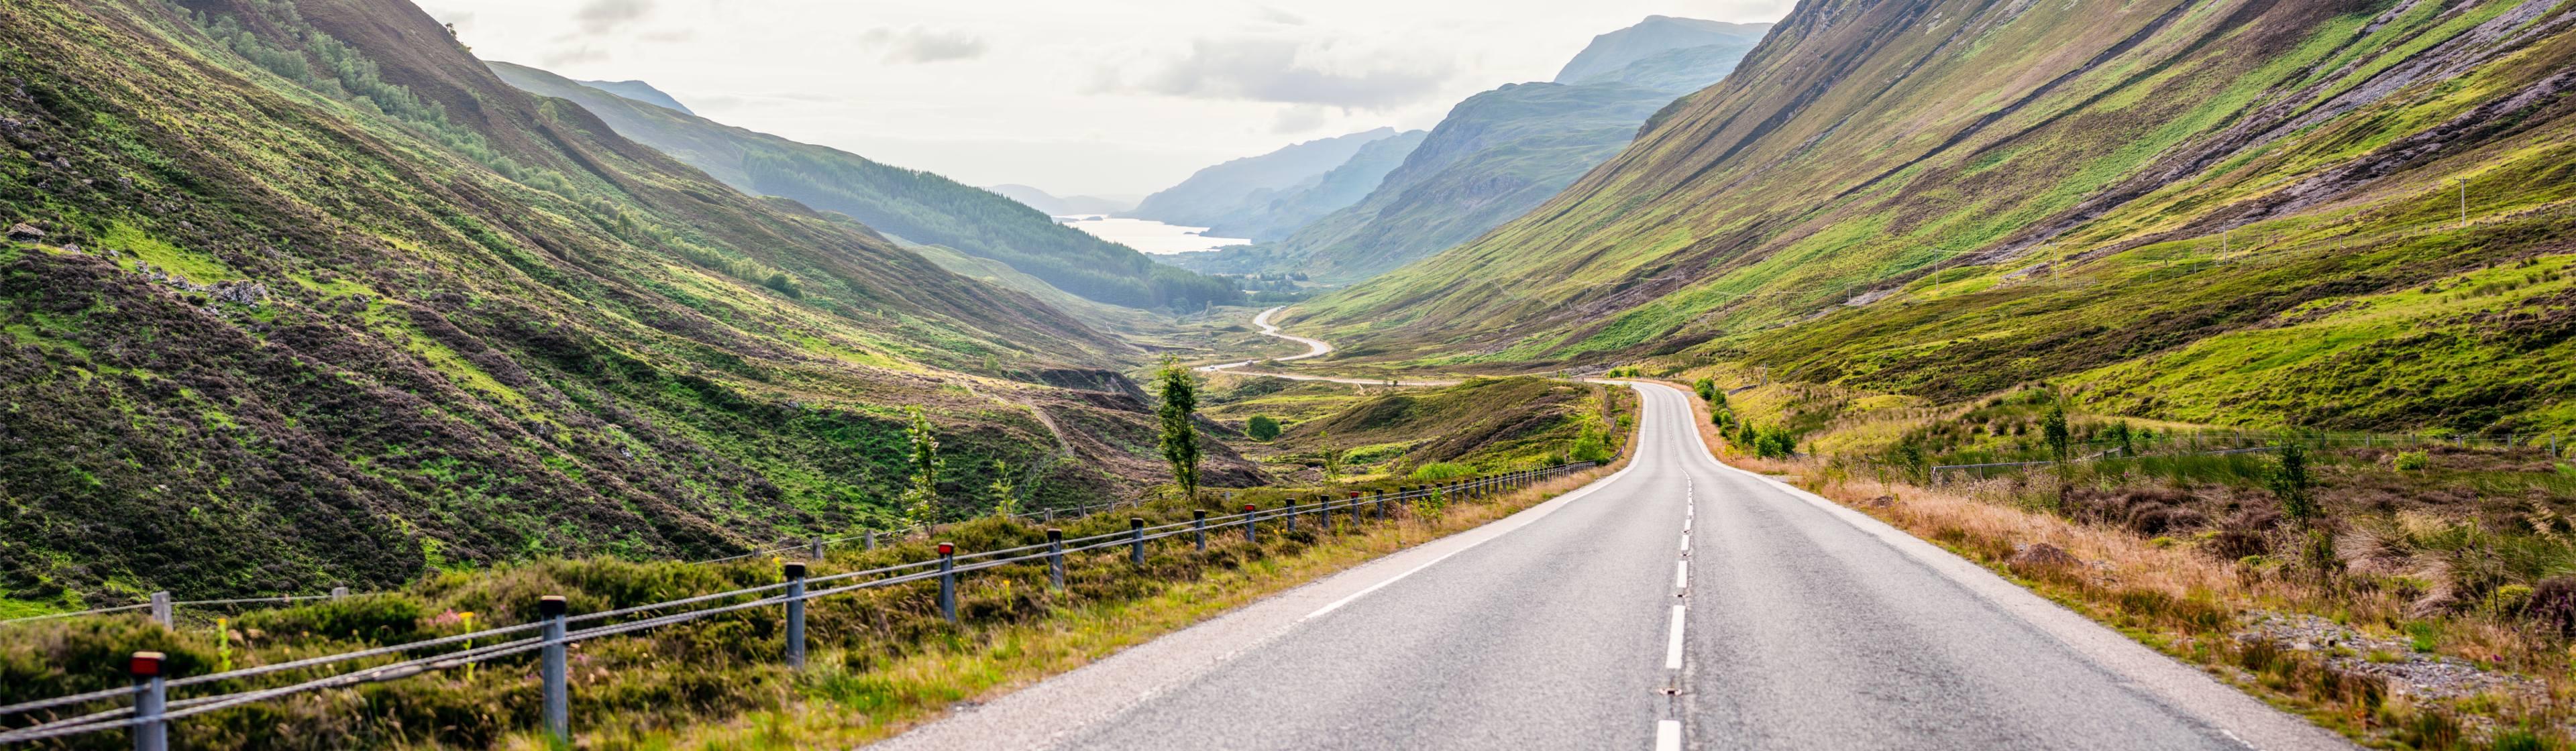 road trip roads